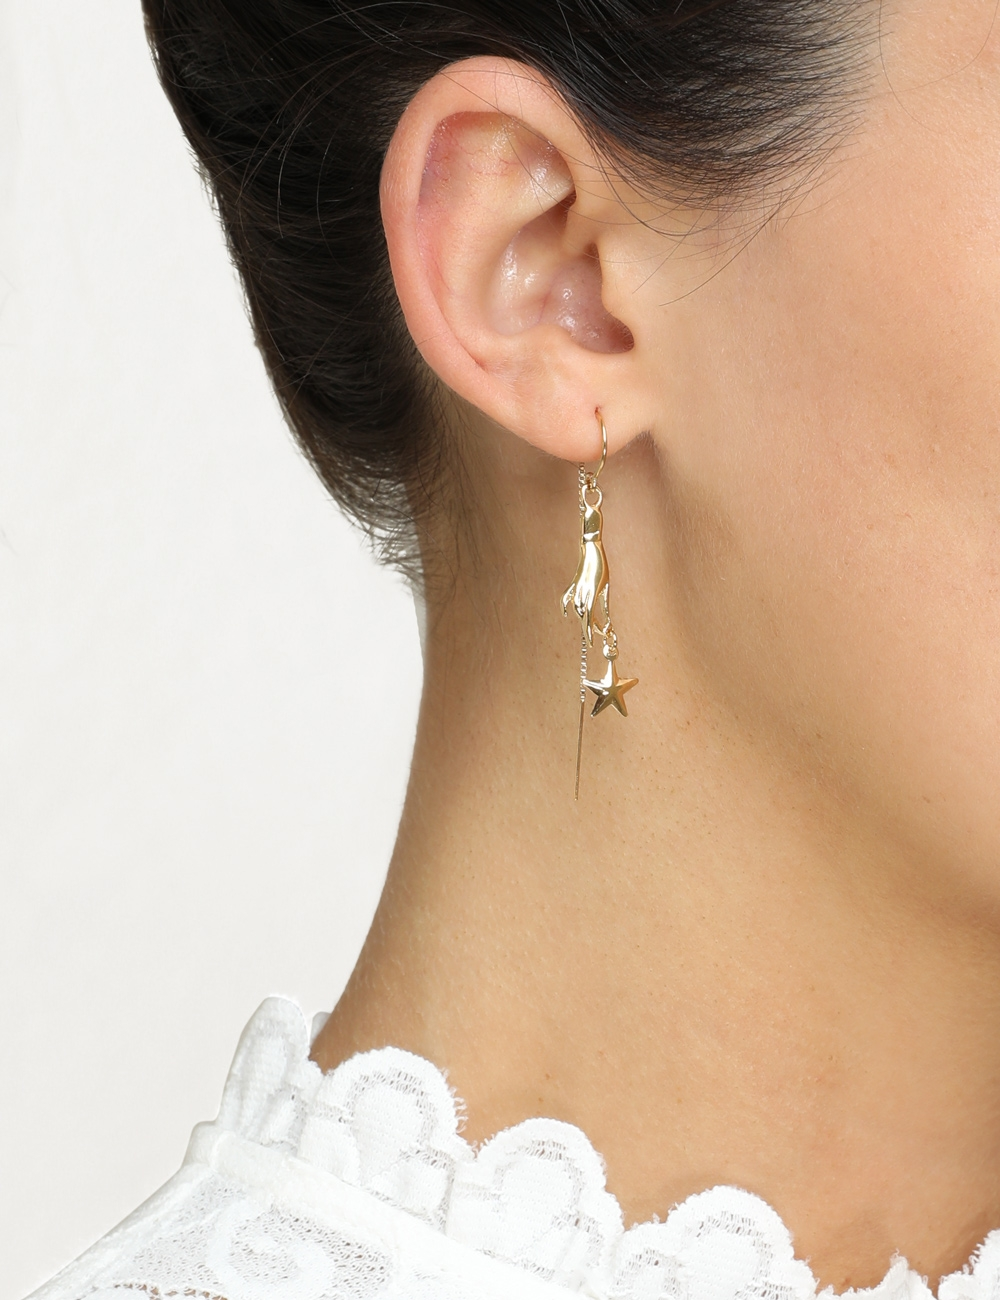 Hand & Star Drop Earrings